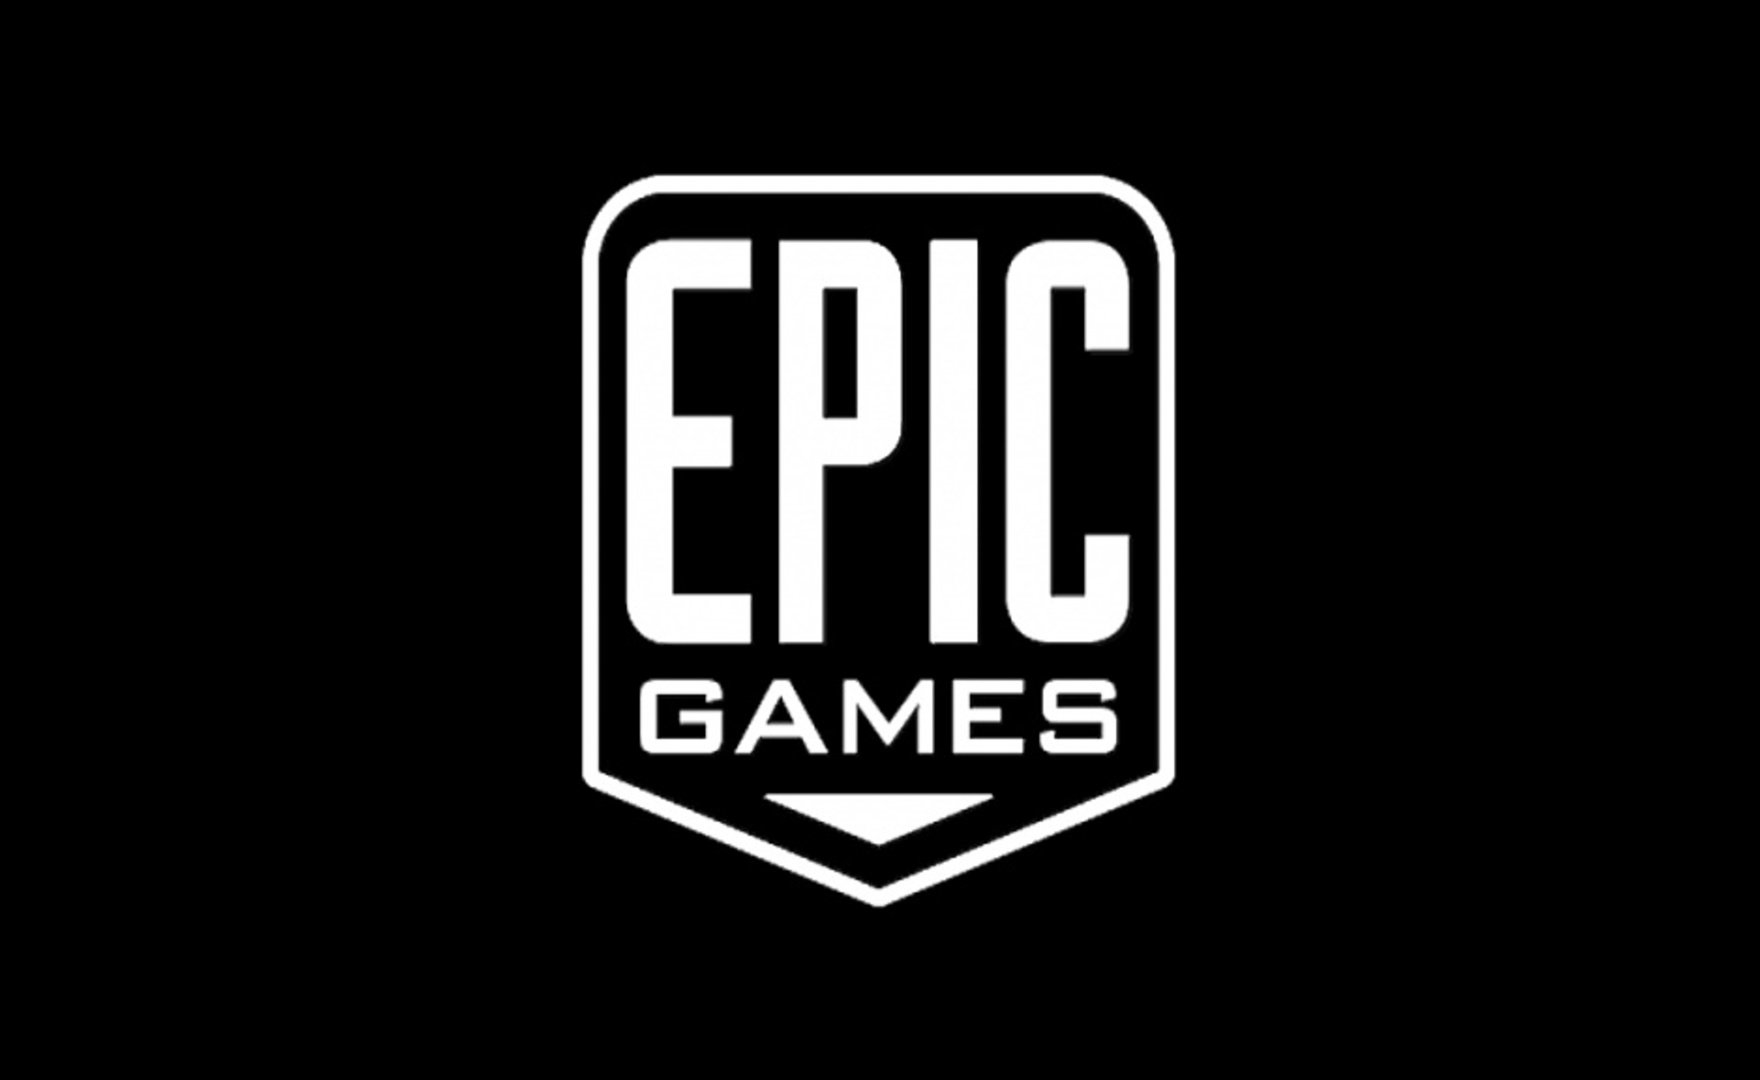 Epic Games compra Houseparty, app di videochat apprezzata dagli adolescenti